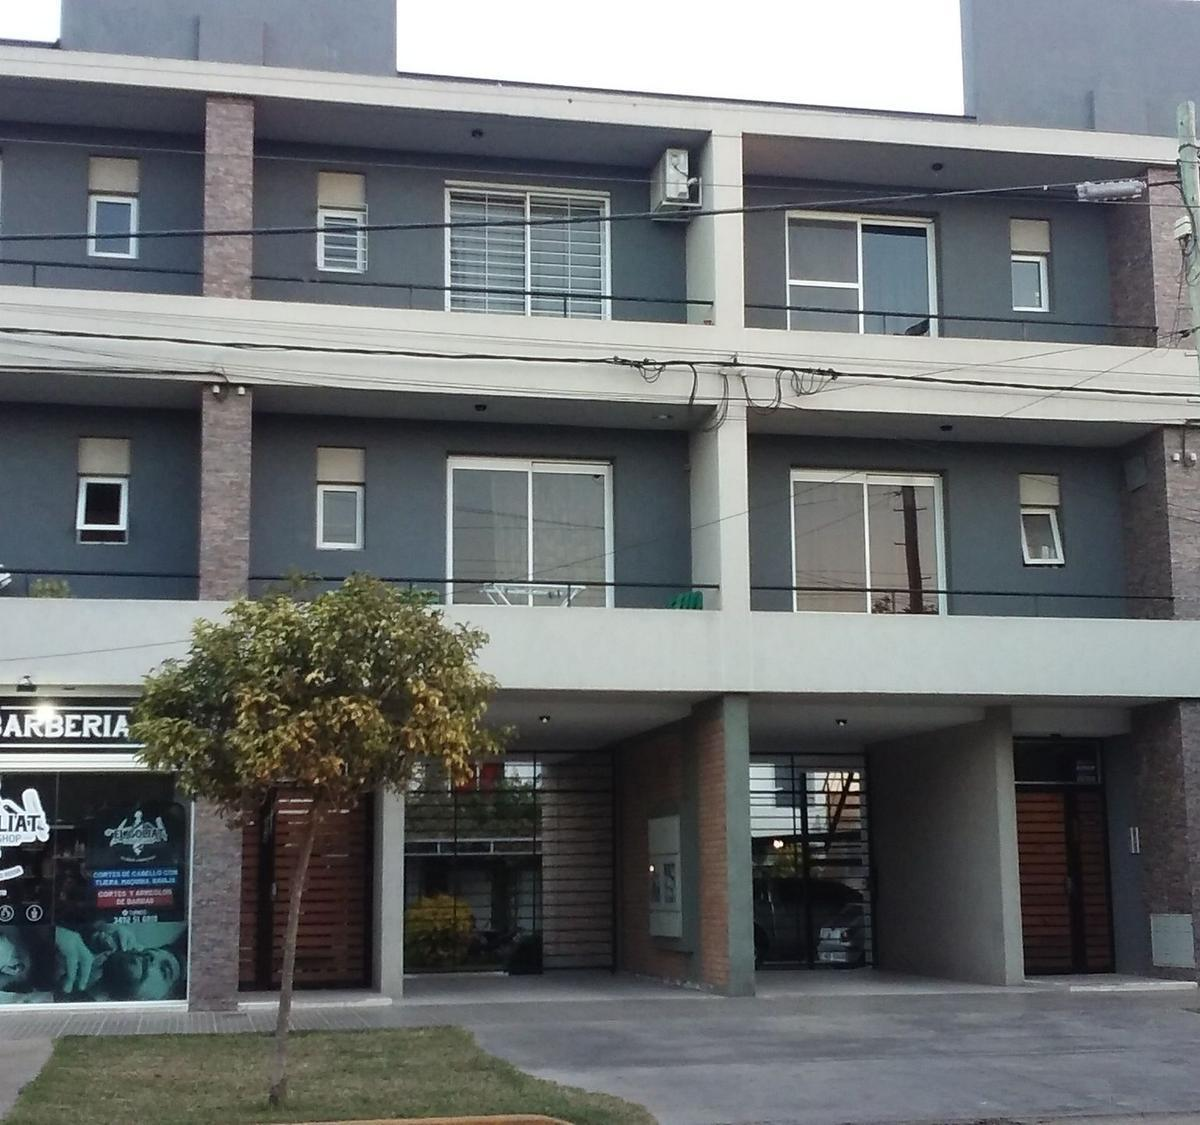 Av. Luis Fanti 800 - 1º Piso a la calle - Gaggiotti Inmobiliaria cuenta con más de 50 años desde que se inicio en el negocio de los servicios inmobiliarios.